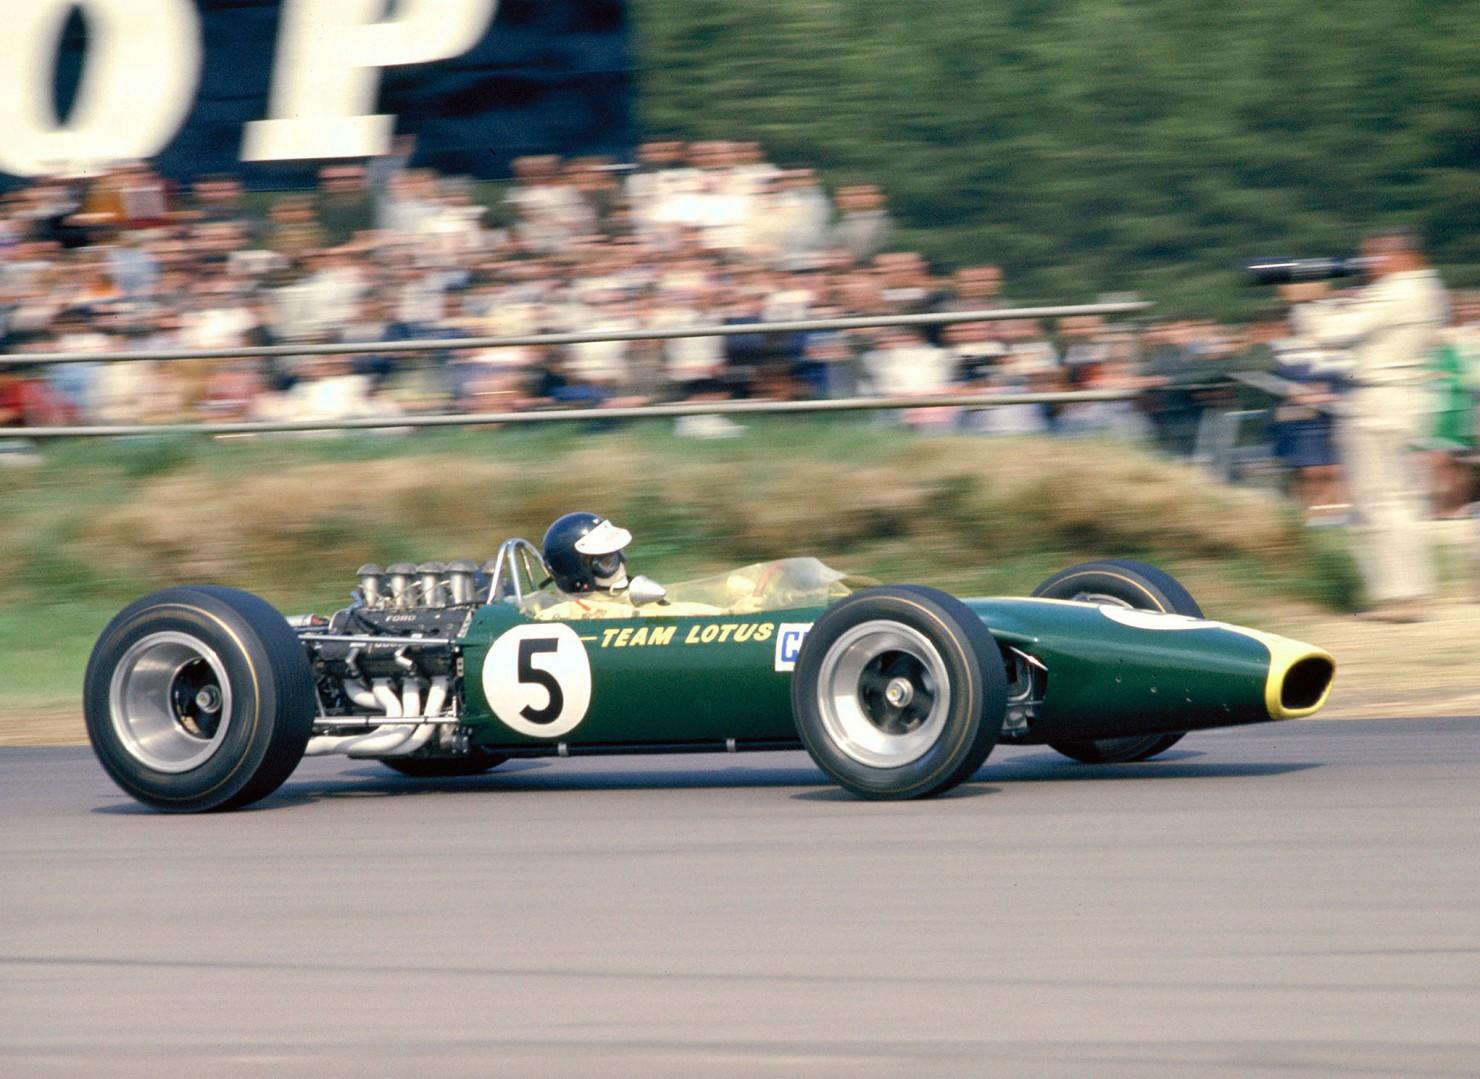 Lotus 49 Formula 1 Car